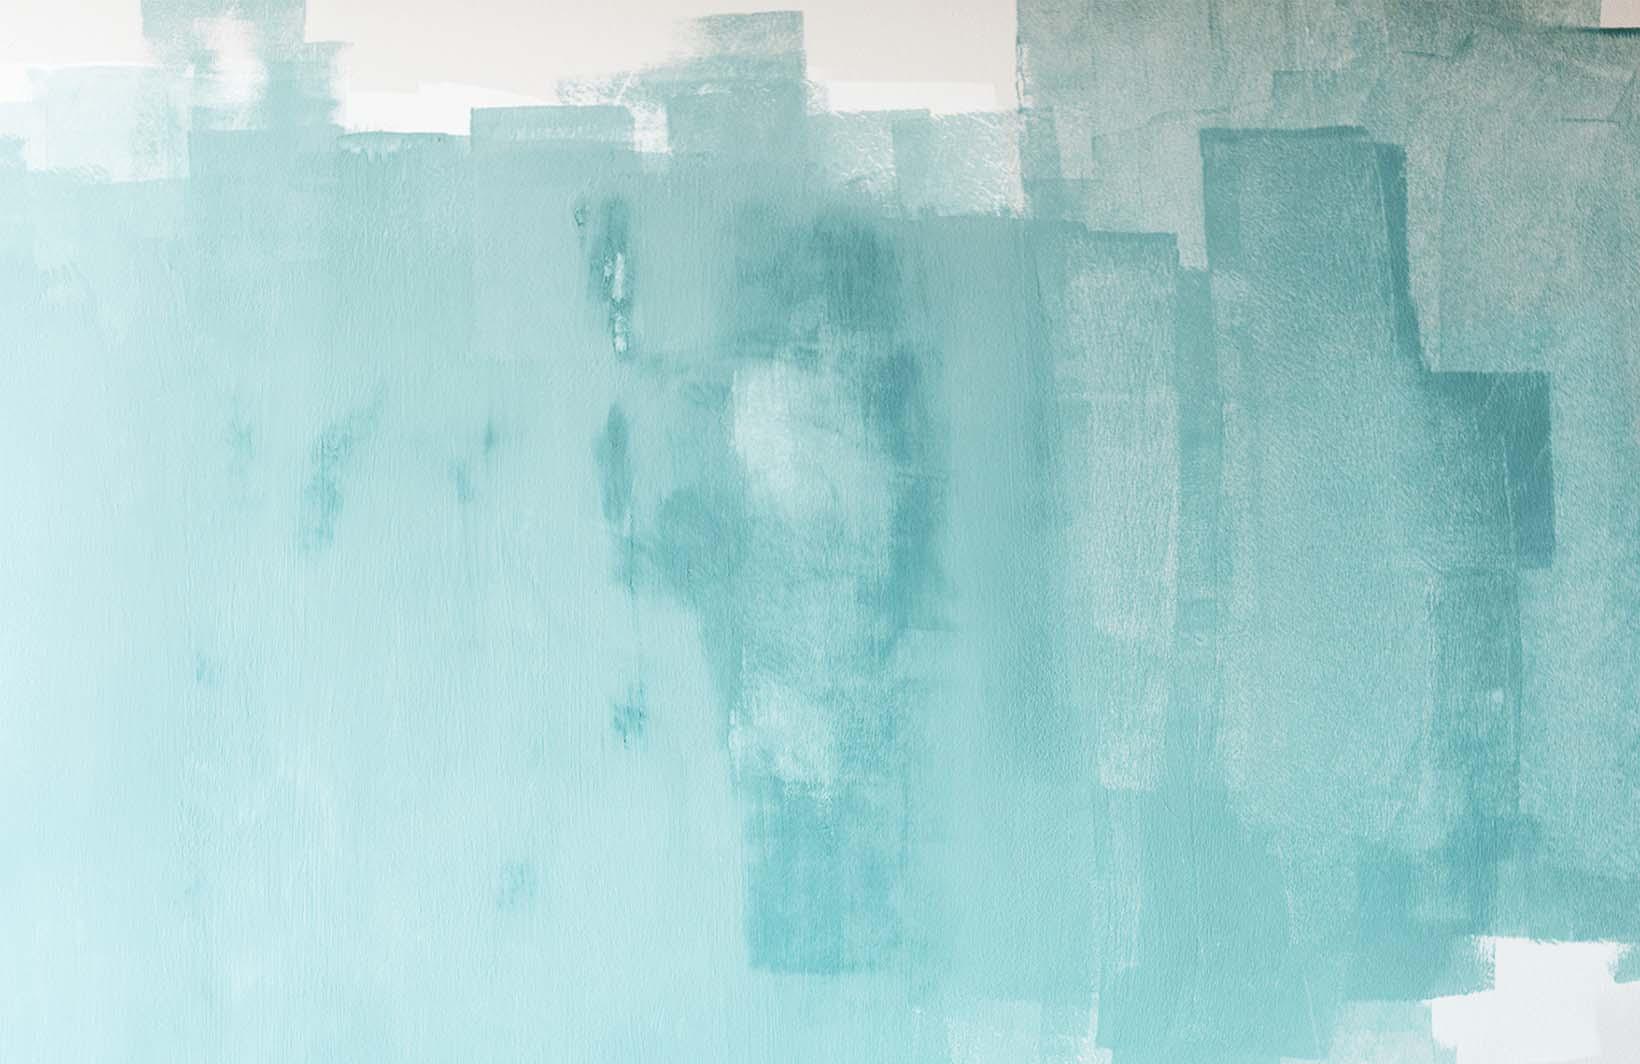 Абстрактные бирюзовые фотообои для трендовых интерьеров Узоры на Стене